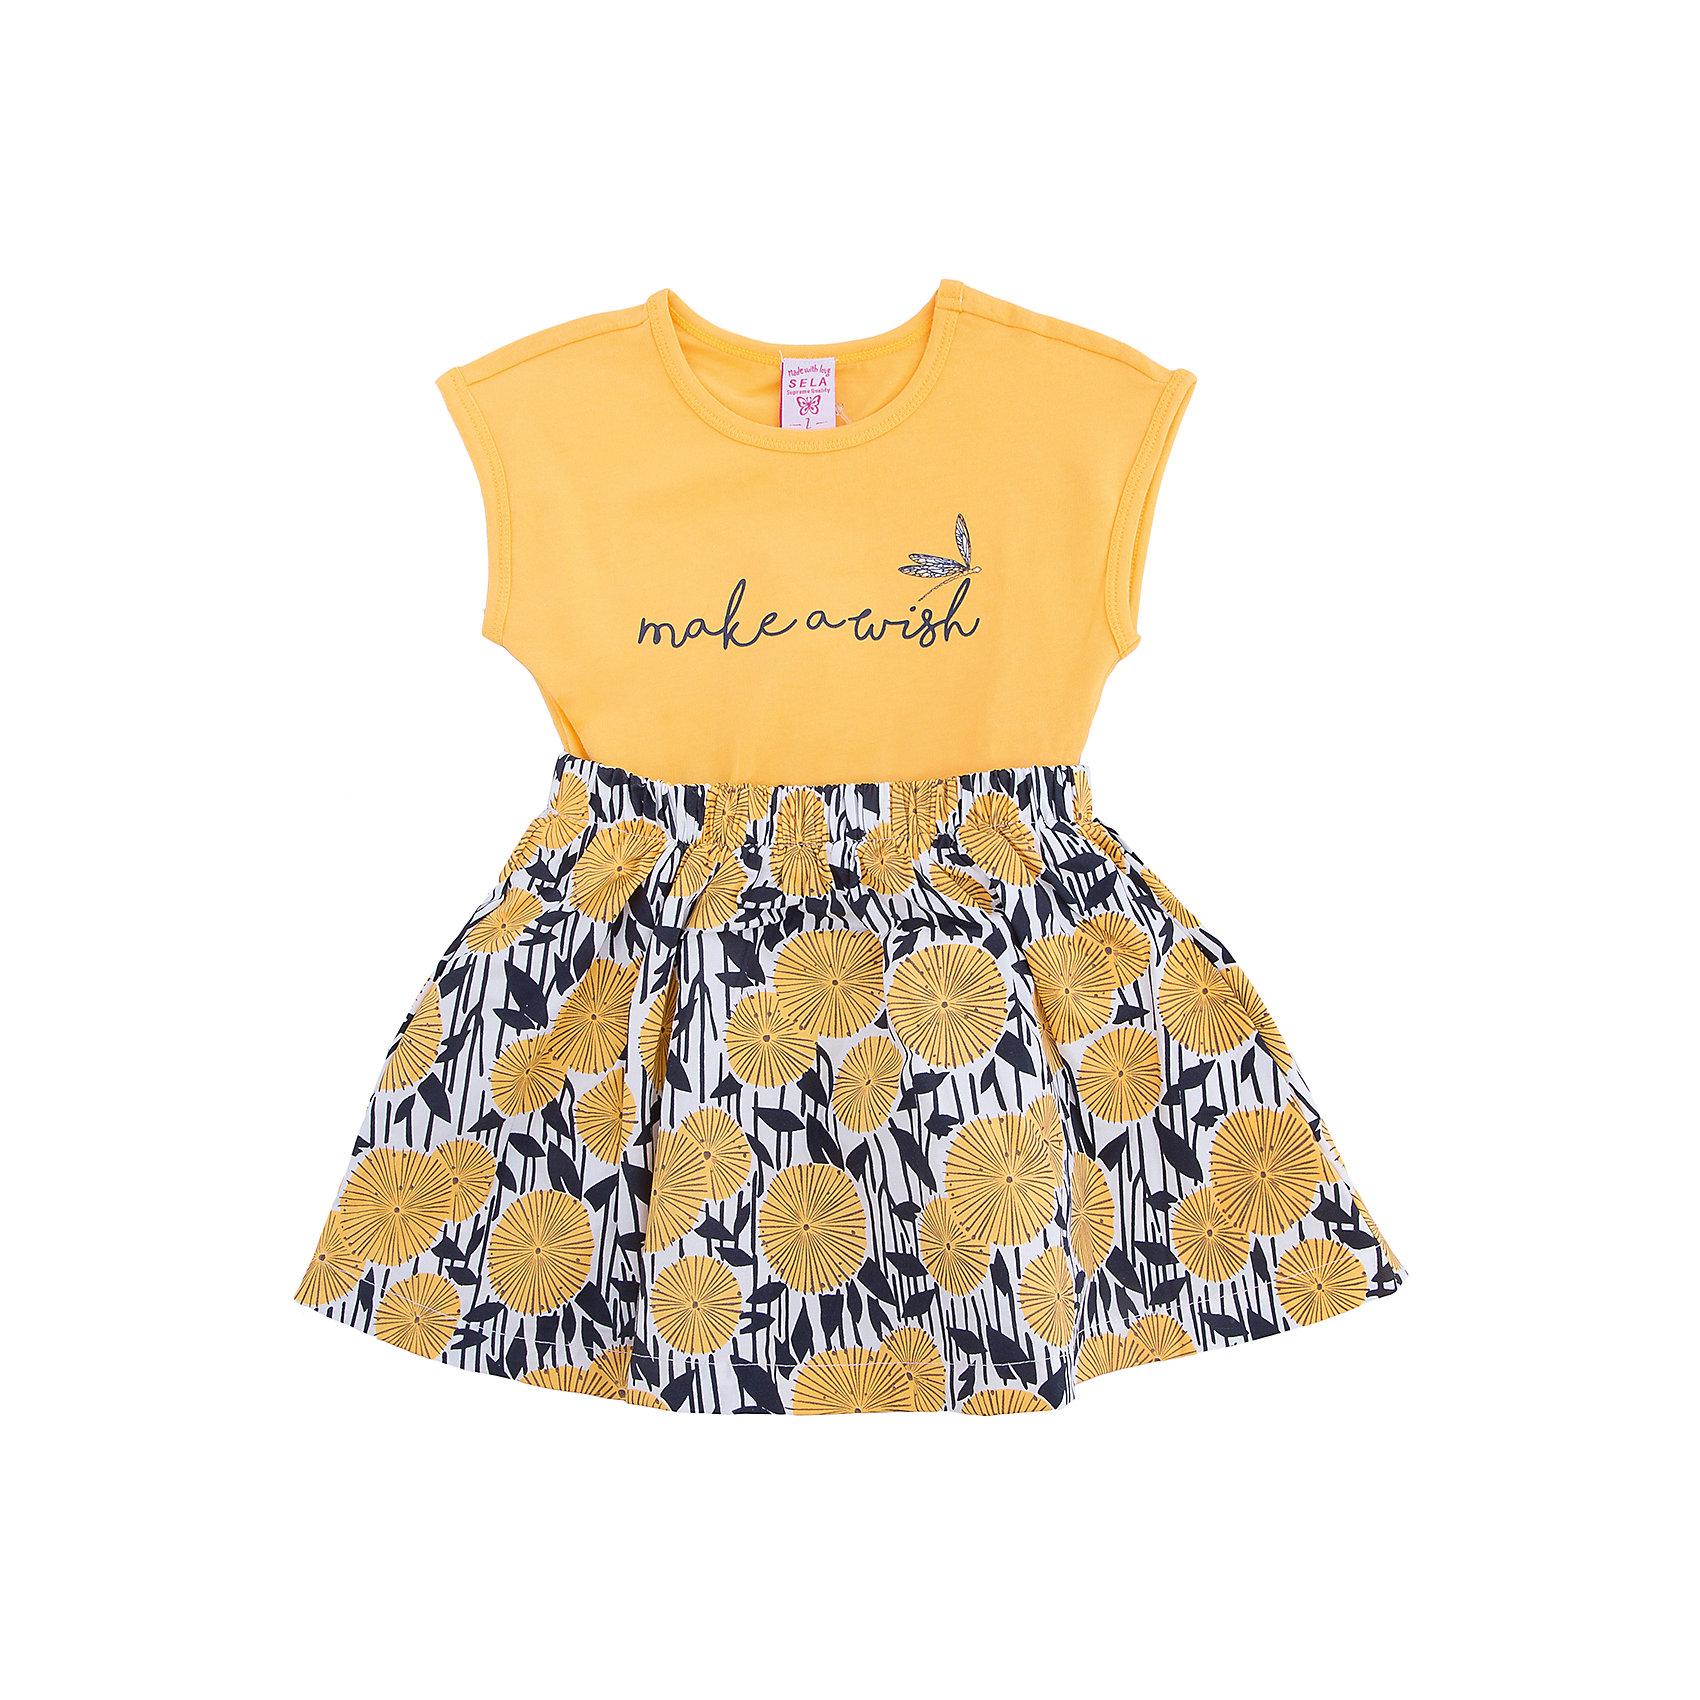 Платье для девочки SELAПлатья и сарафаны<br>Платье для девочки от известного бренда SELA<br>Состав:<br>95% хлопок, 5% эластан-верх; 100% хлопок-низ<br><br>Ширина мм: 236<br>Глубина мм: 16<br>Высота мм: 184<br>Вес г: 177<br>Цвет: желтый<br>Возраст от месяцев: 60<br>Возраст до месяцев: 72<br>Пол: Женский<br>Возраст: Детский<br>Размер: 92,116,98,104,110<br>SKU: 5305442